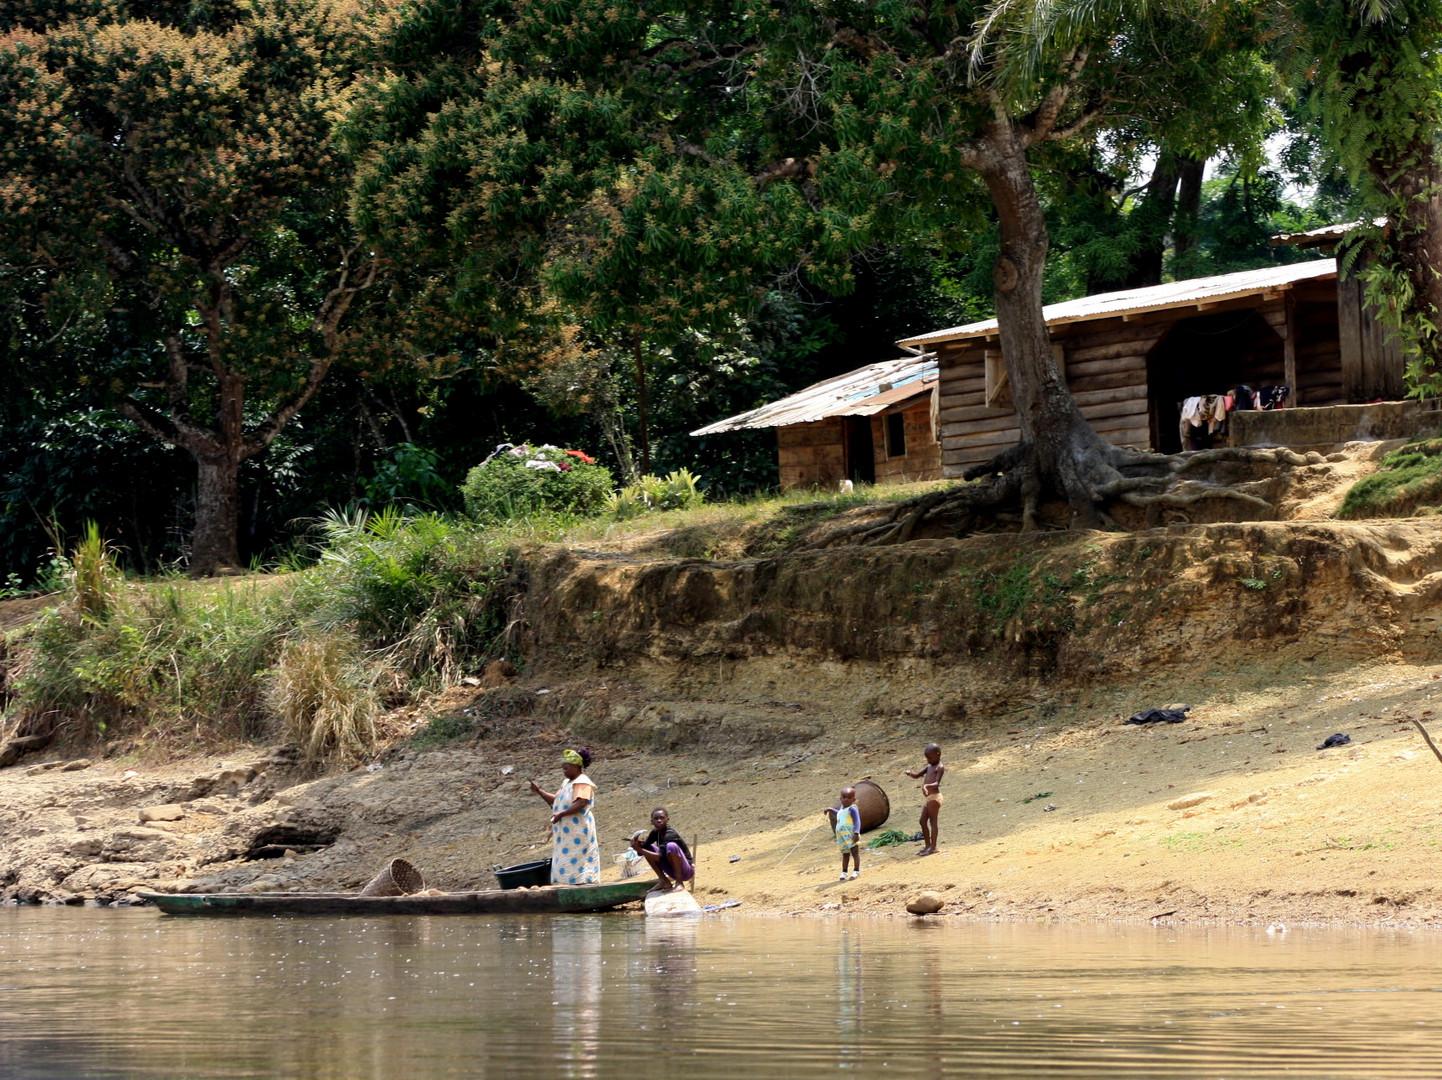 haus am fluss foto bild africa central africa gabun bilder auf fotocommunity. Black Bedroom Furniture Sets. Home Design Ideas